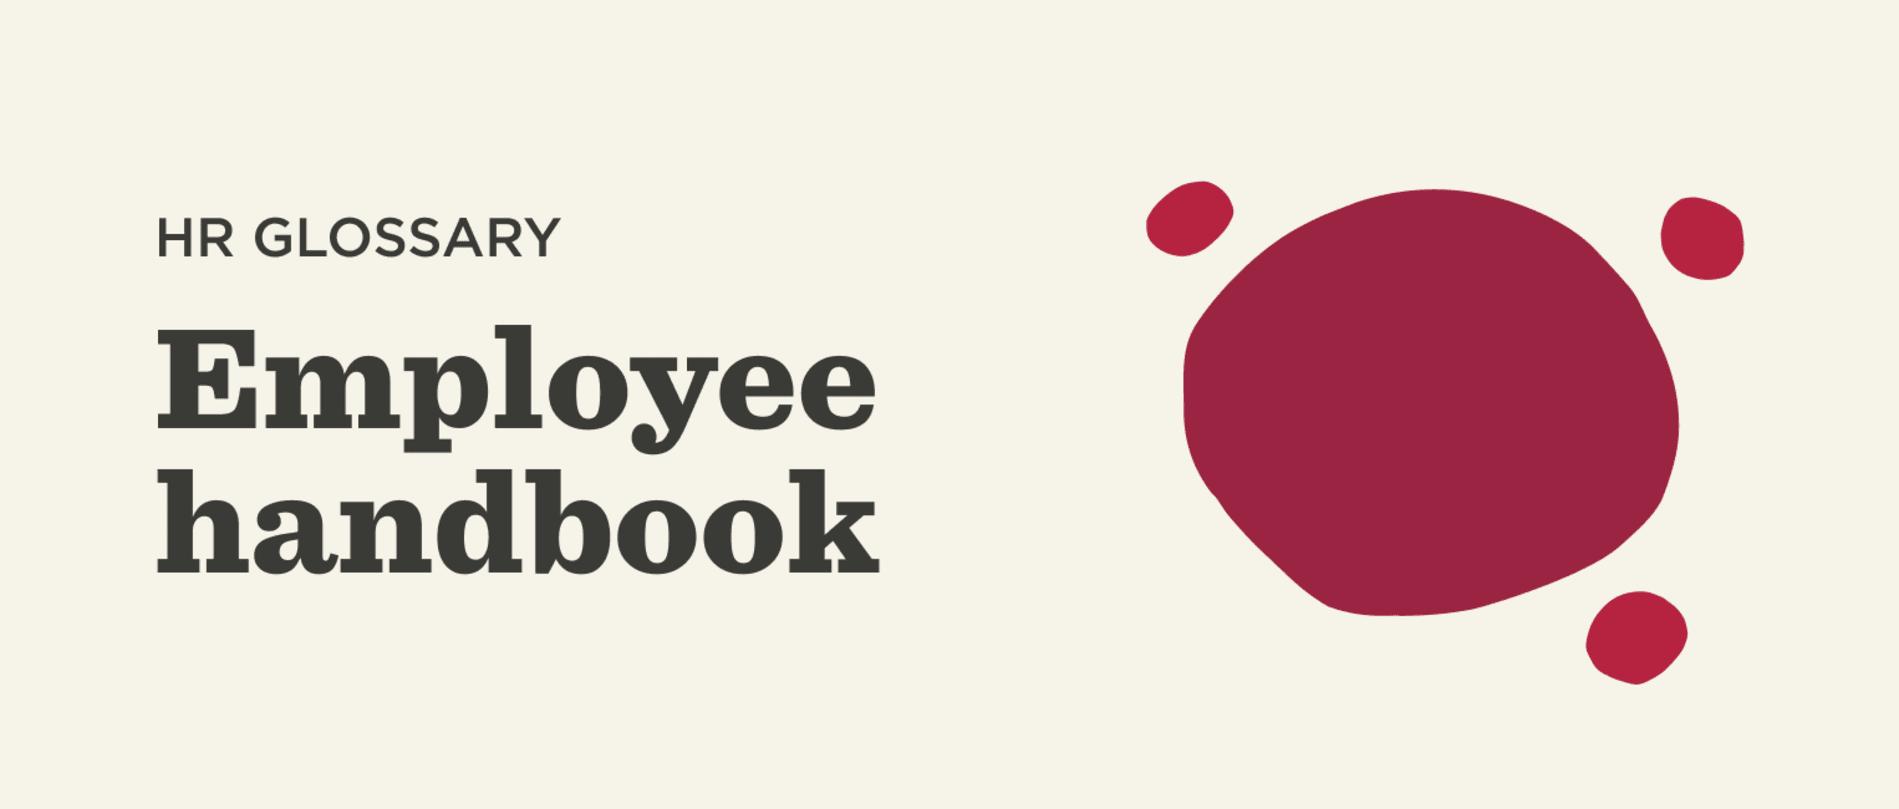 Employee-Handbook-Glossary-banner